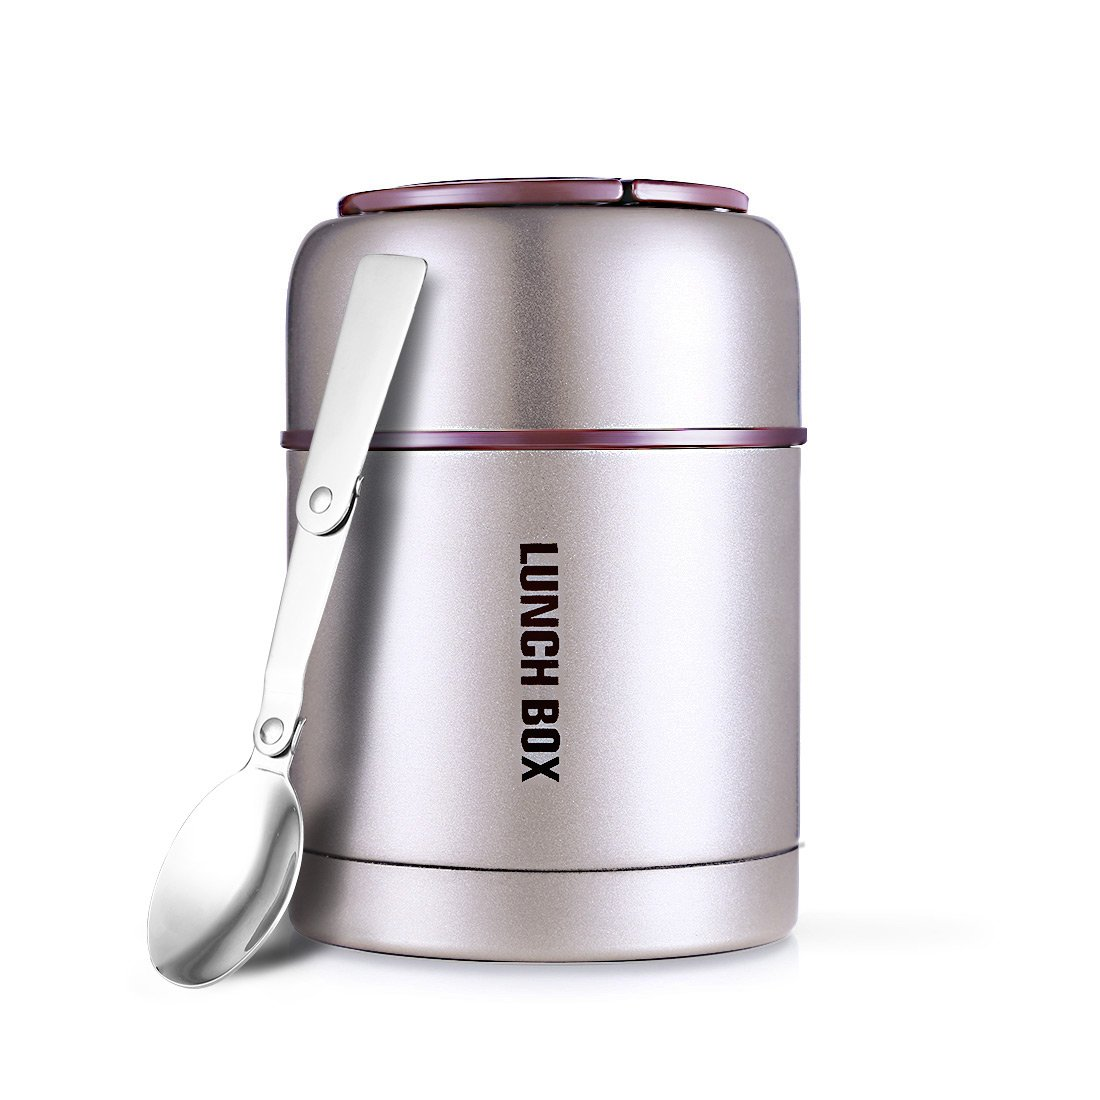 Oneisall cibo, 800ml, in acciaio INOX per cibo thermos contenitore con cucchiaio pieghevole e con manico per cibo caldo Pink Huizhou Feimao Technology Co. Ltd.